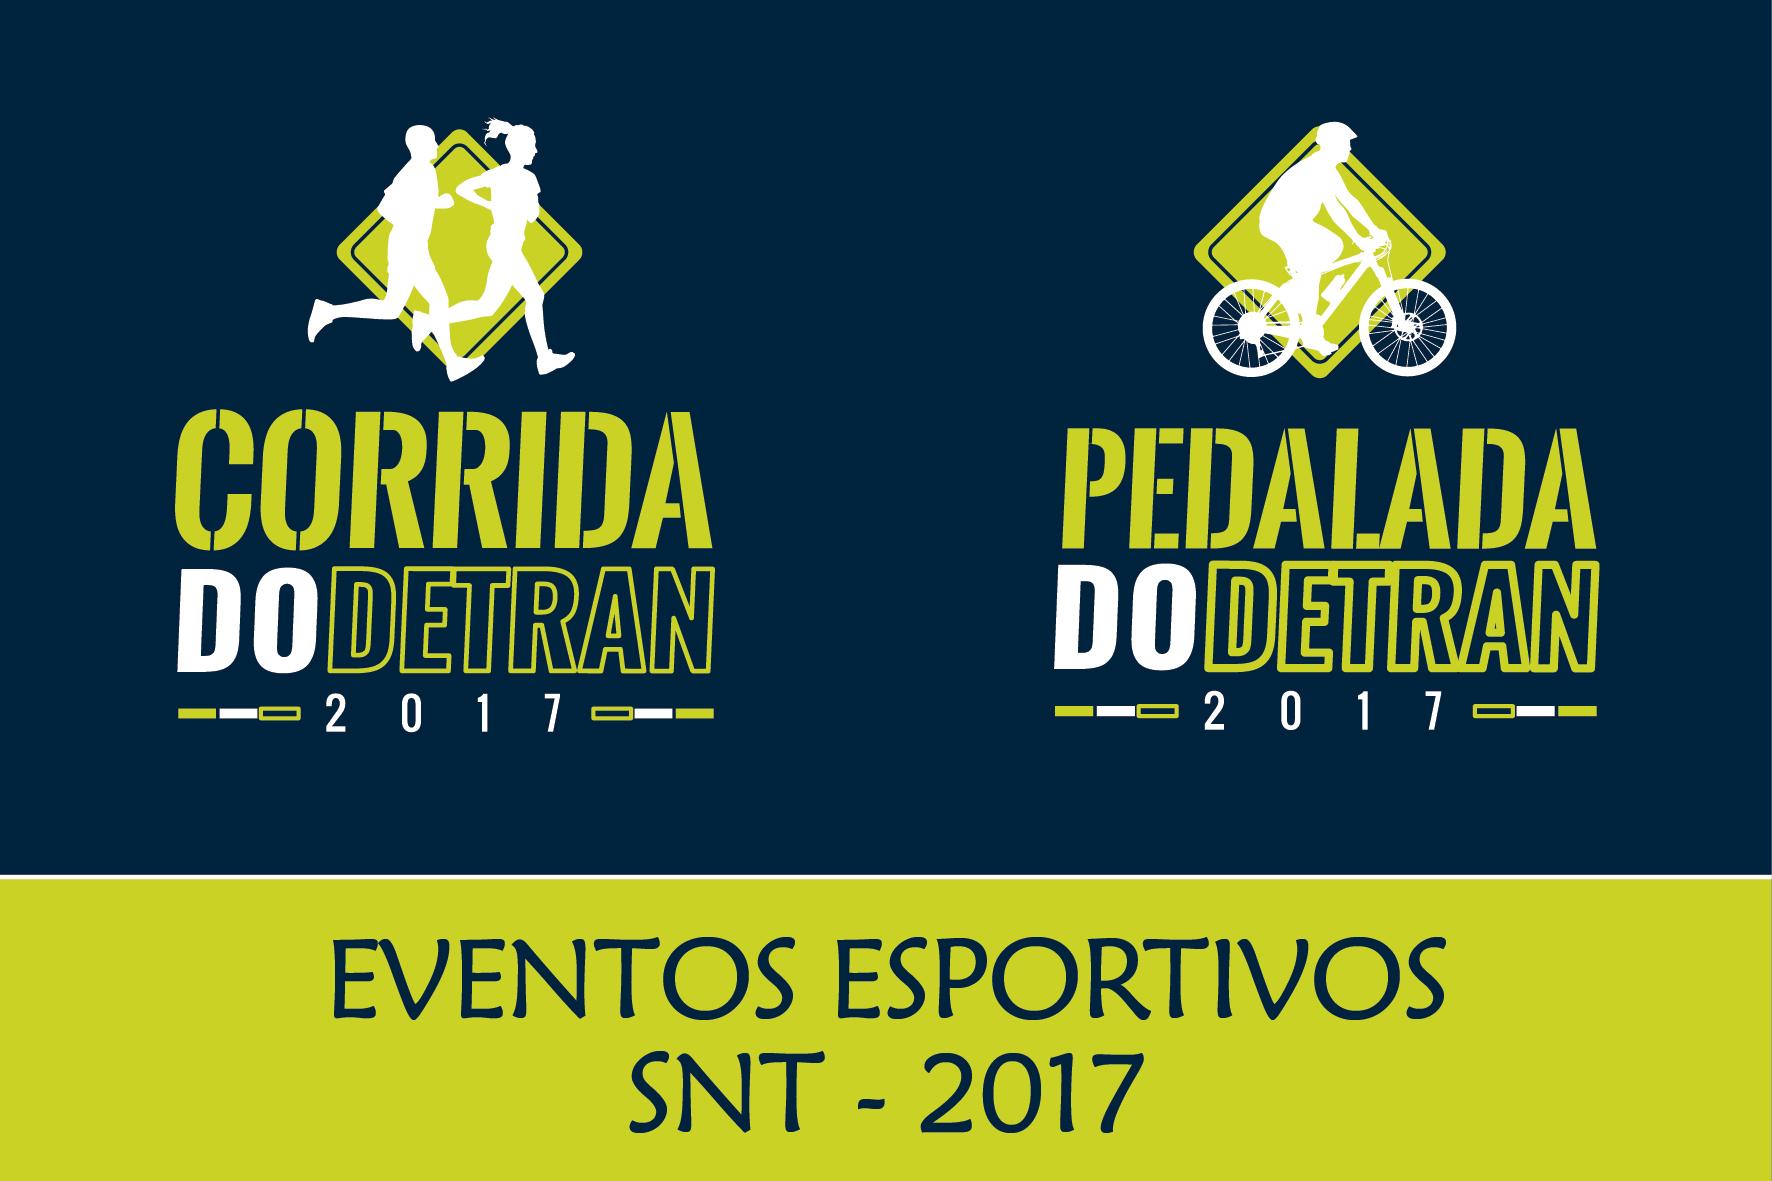 Eventos esportivos da Semana Nacional de Trânsito estão com inscrições abertas